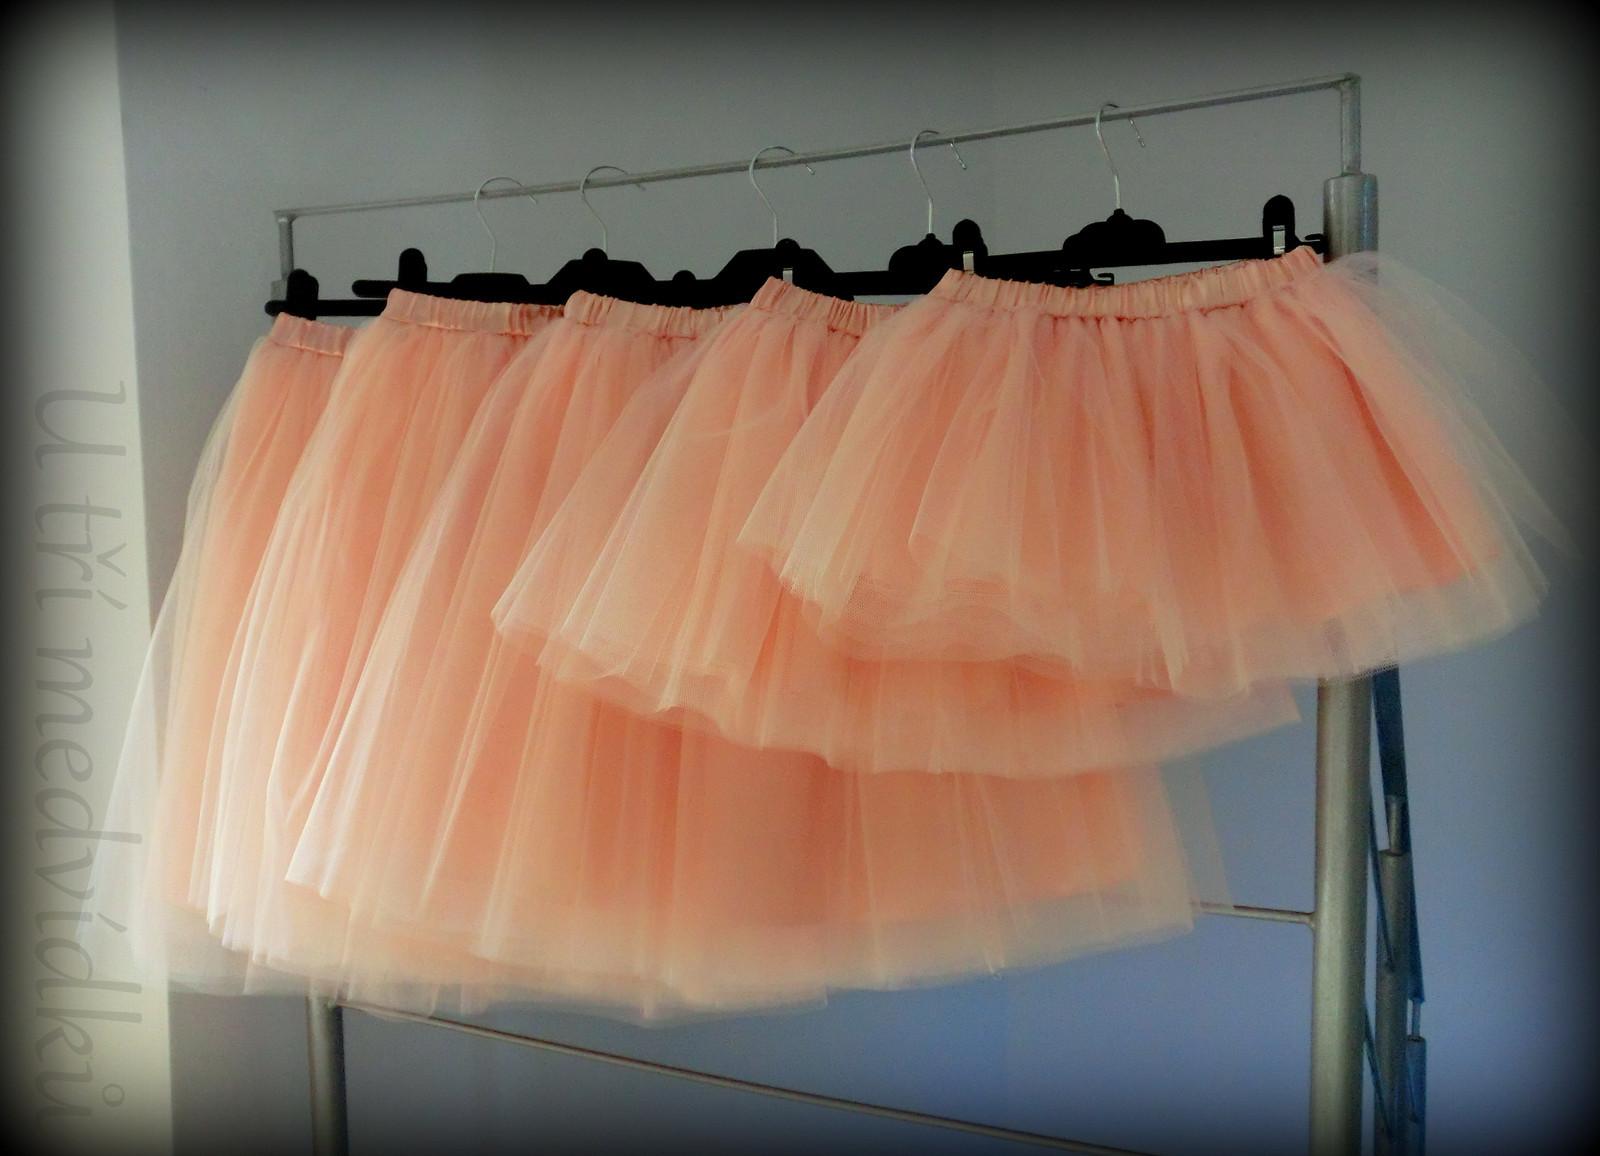 486f04d2fd2a Tylová sukně v lososové barvě (Dámská velikost 36-4)   Zboží prodejce  MVstyle